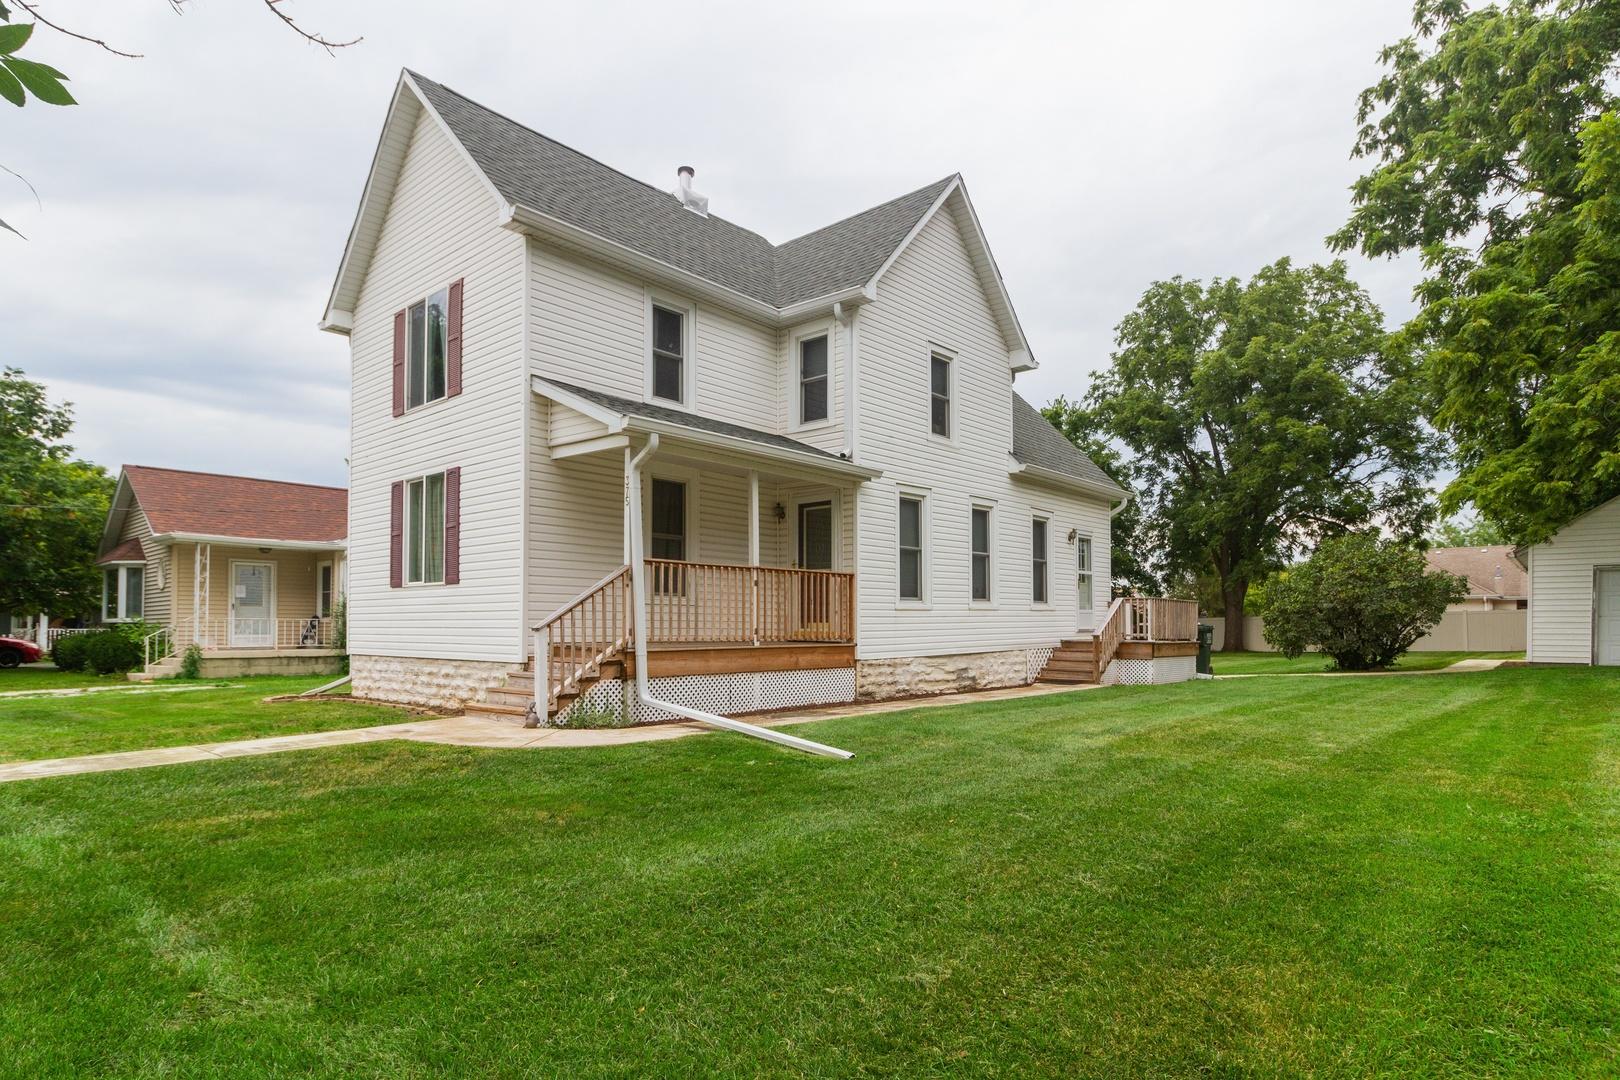 375 Orchard ,Chebanse, Illinois 60922